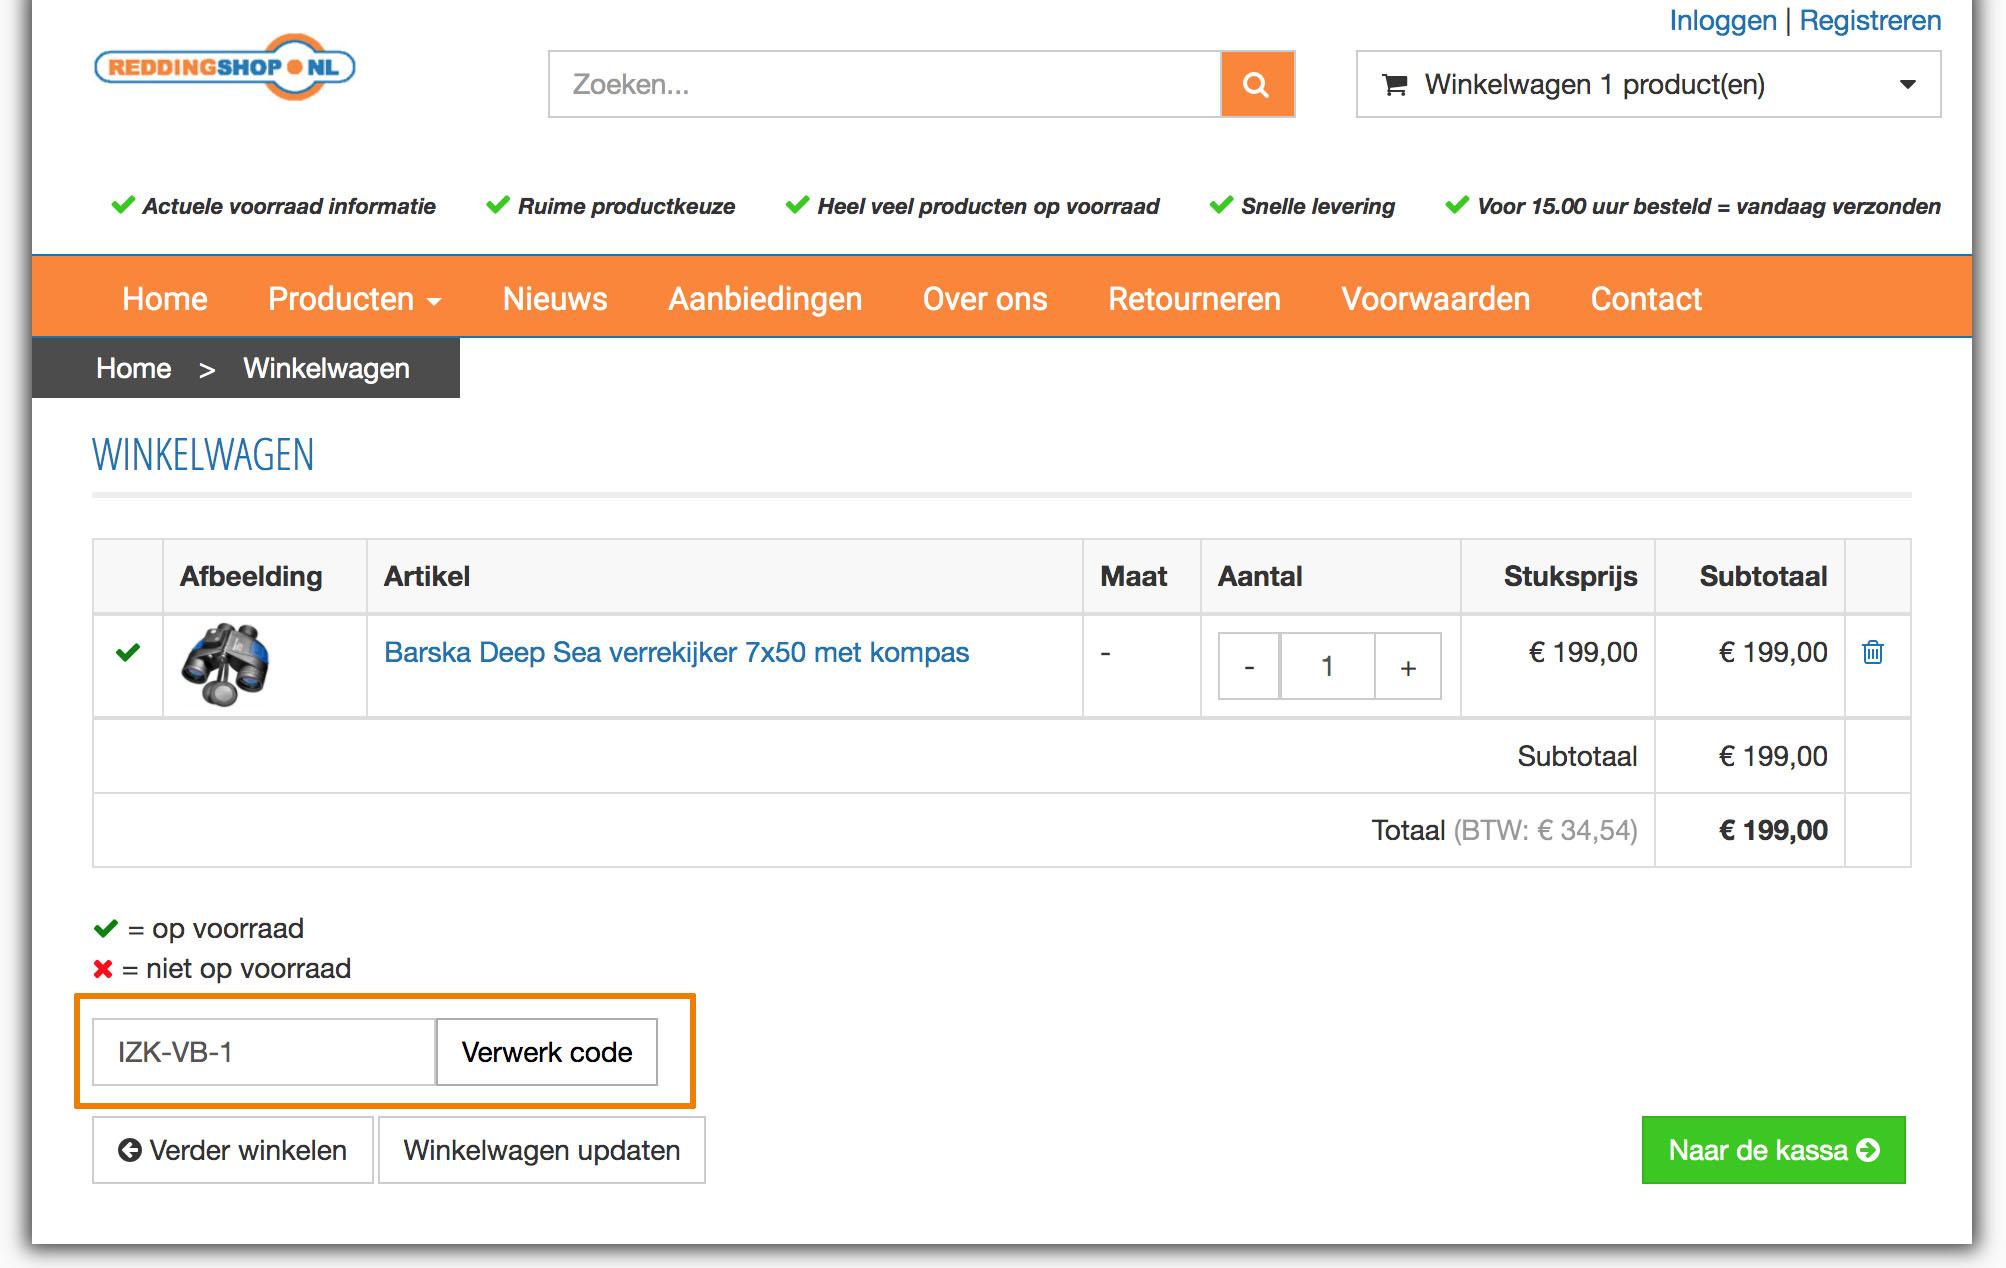 Hoe gebruik je een Reddingshop.nl aanbieding